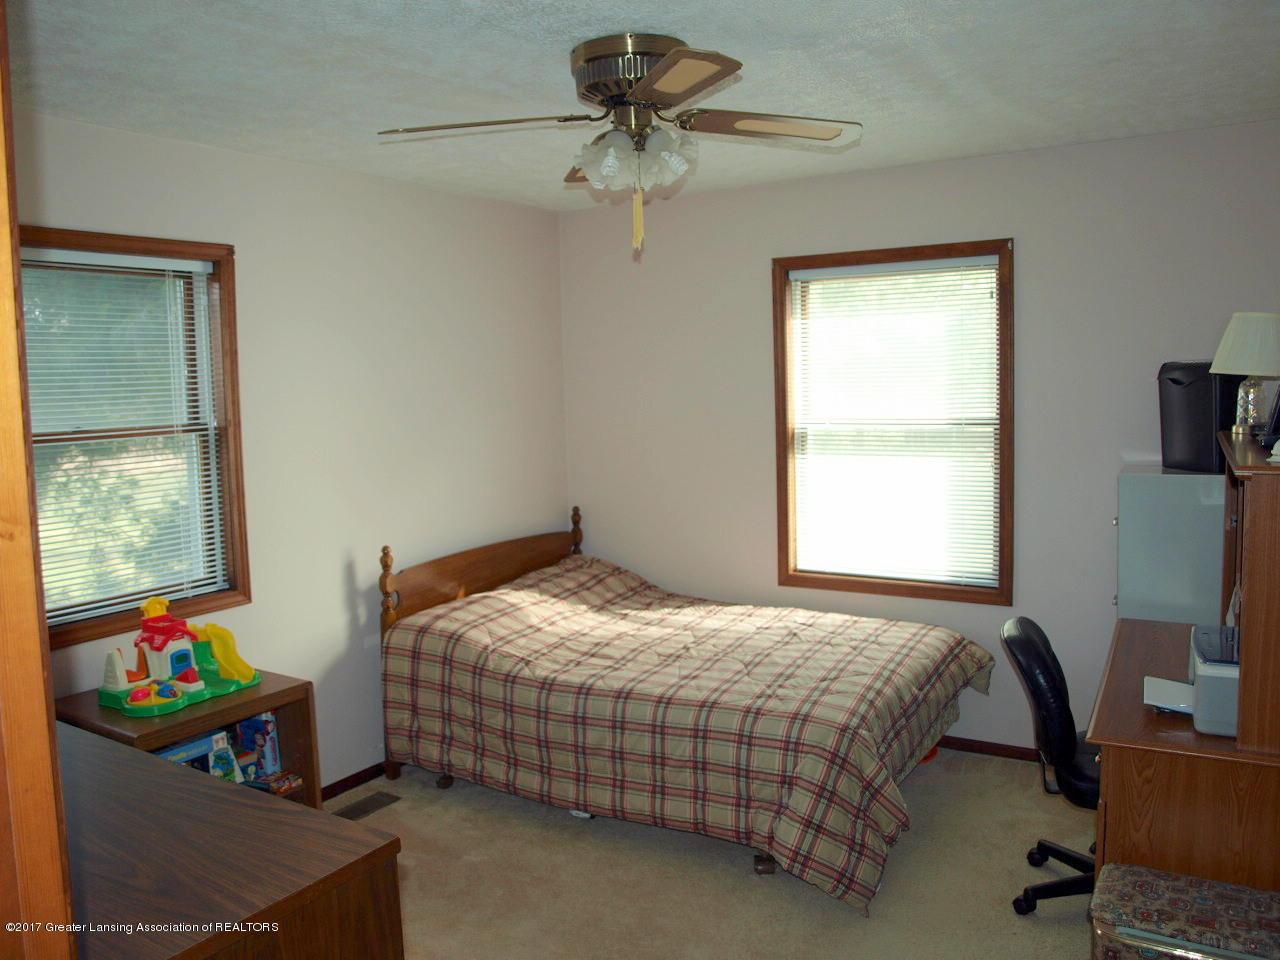 1871 W Taft Rd - 1st Floor Bedroom - 14